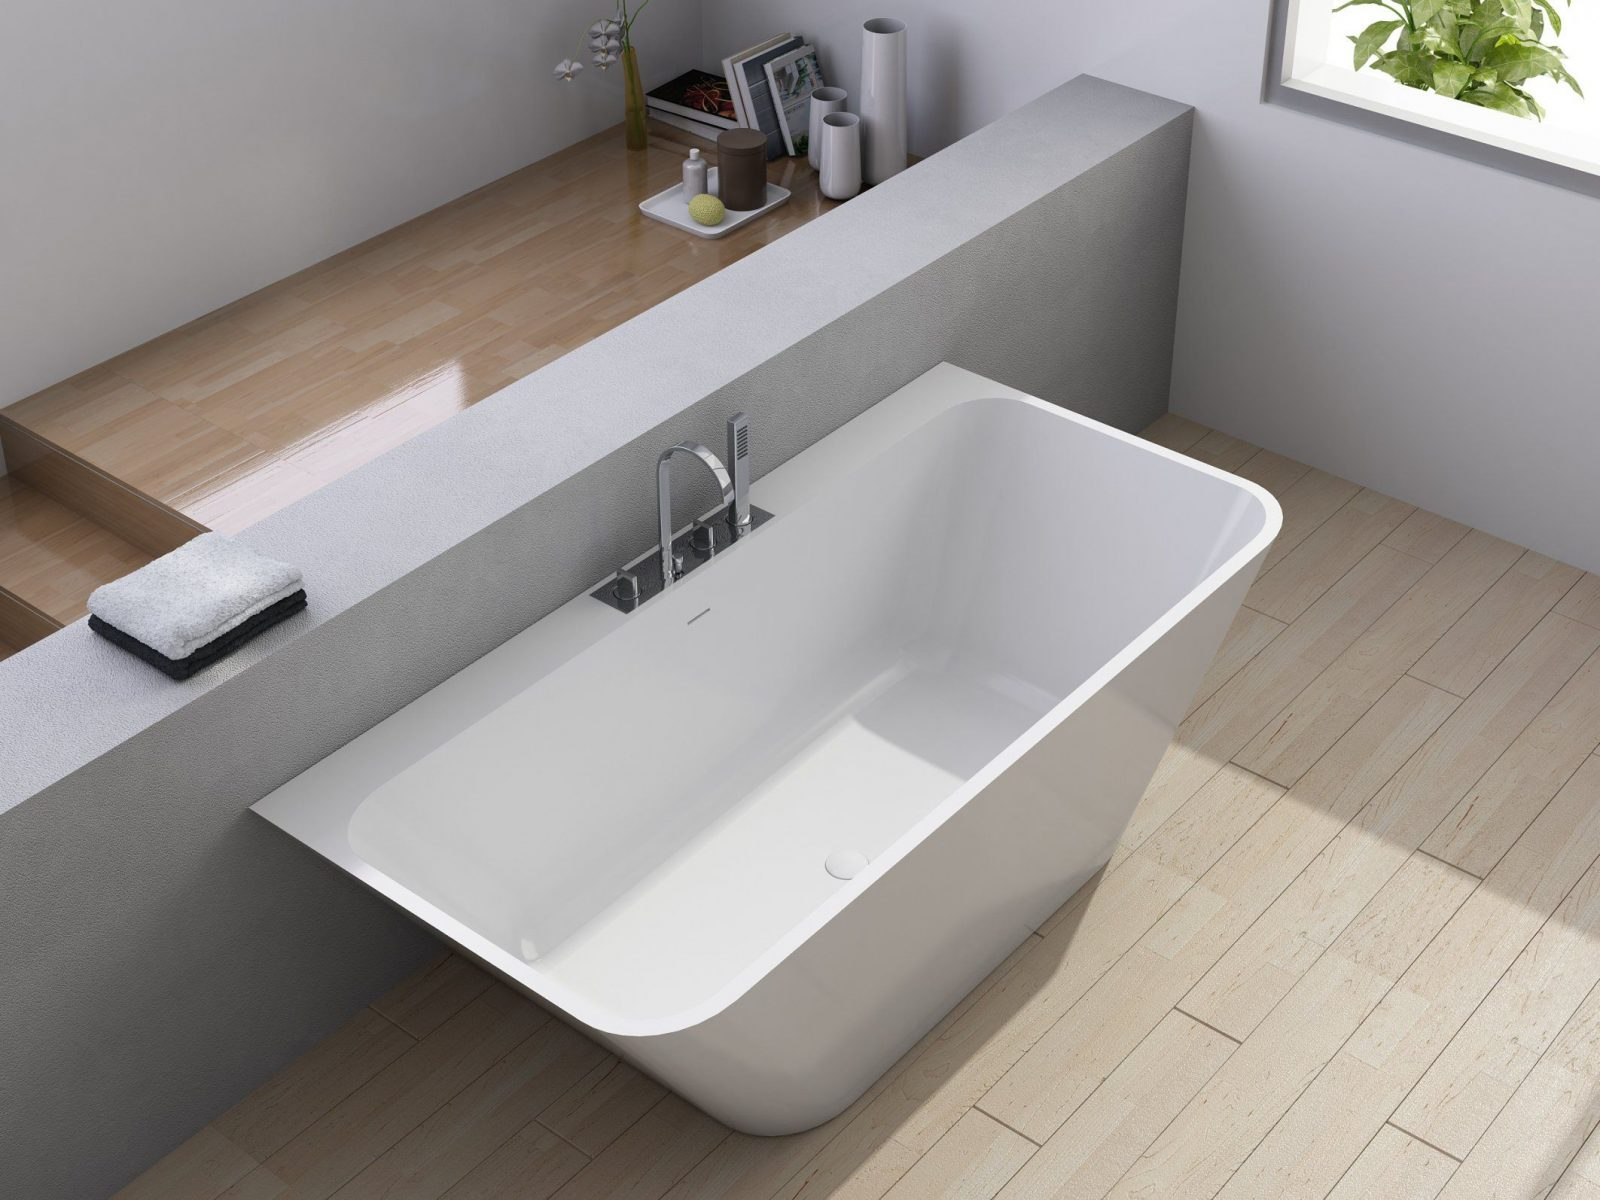 badewanne eckig weitere bilder fr eckige mineralguss badewanne with badewanne eckig finest. Black Bedroom Furniture Sets. Home Design Ideas